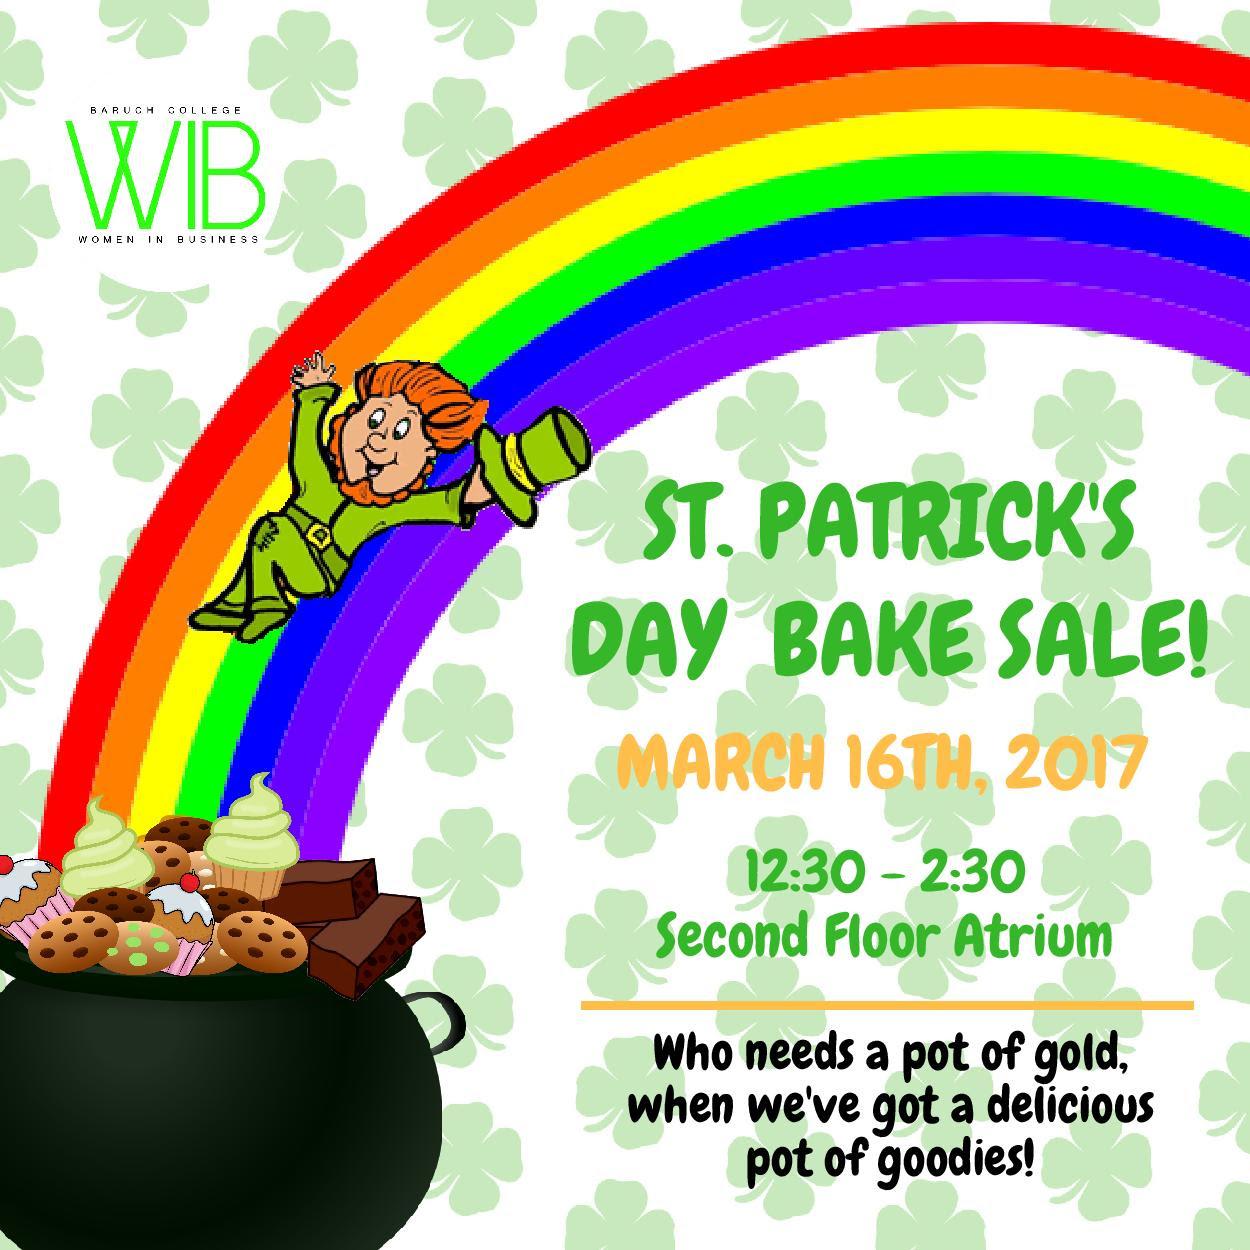 St. Patrick's Day Bake Sale